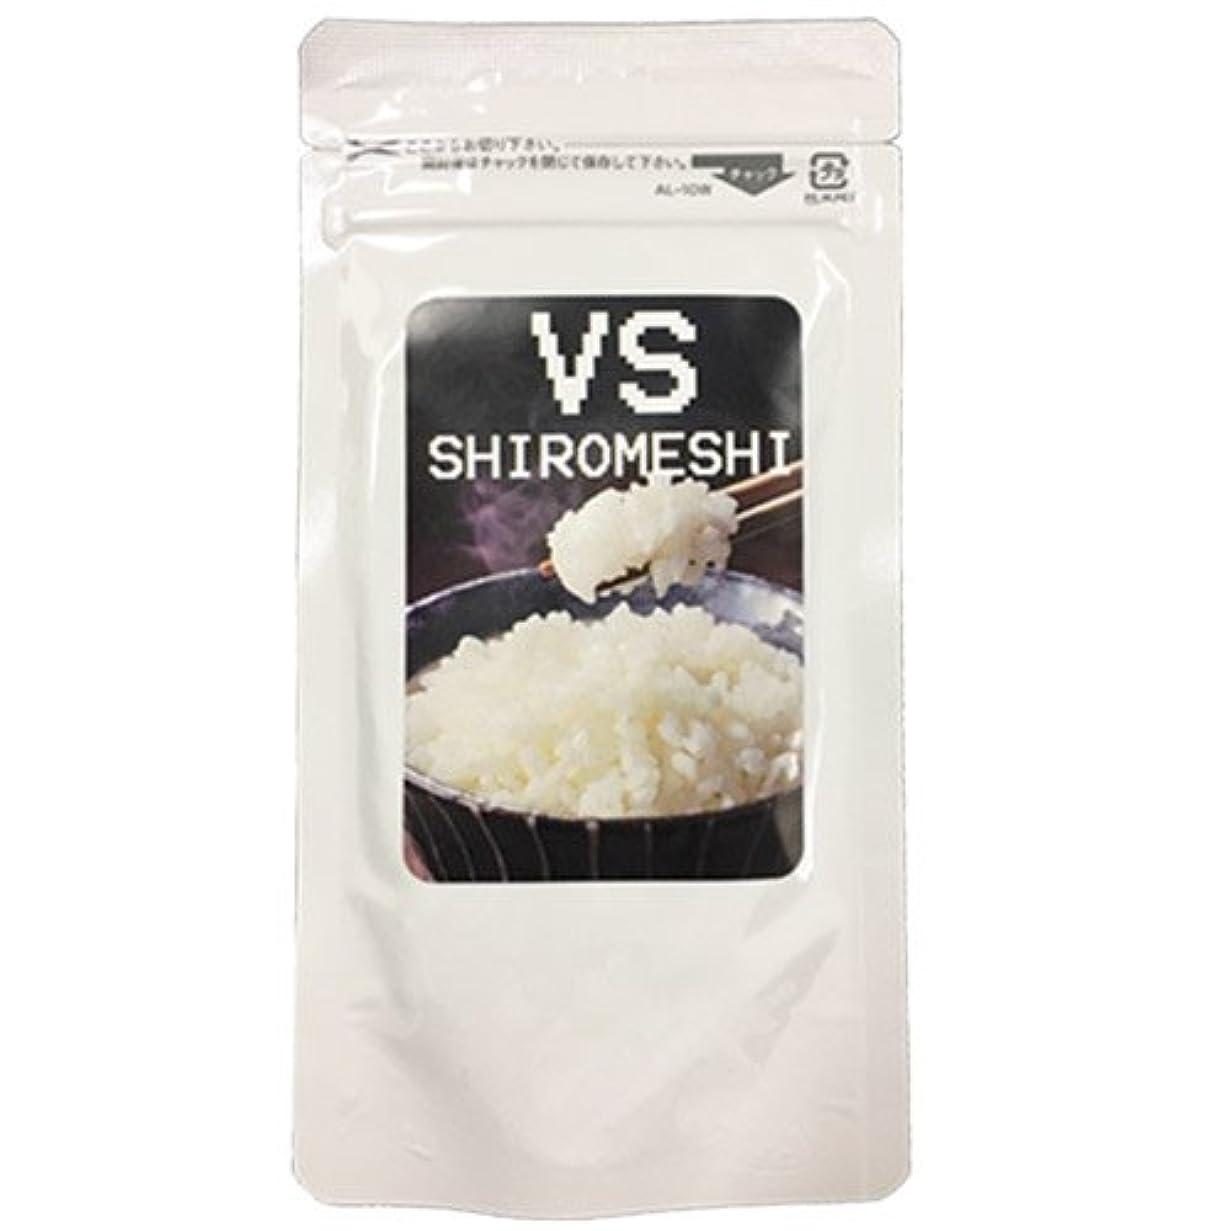 叫び声勘違いする変更VS shiromeshi ダイエット サプリ カロリー 炭水化物 30粒入り (1)